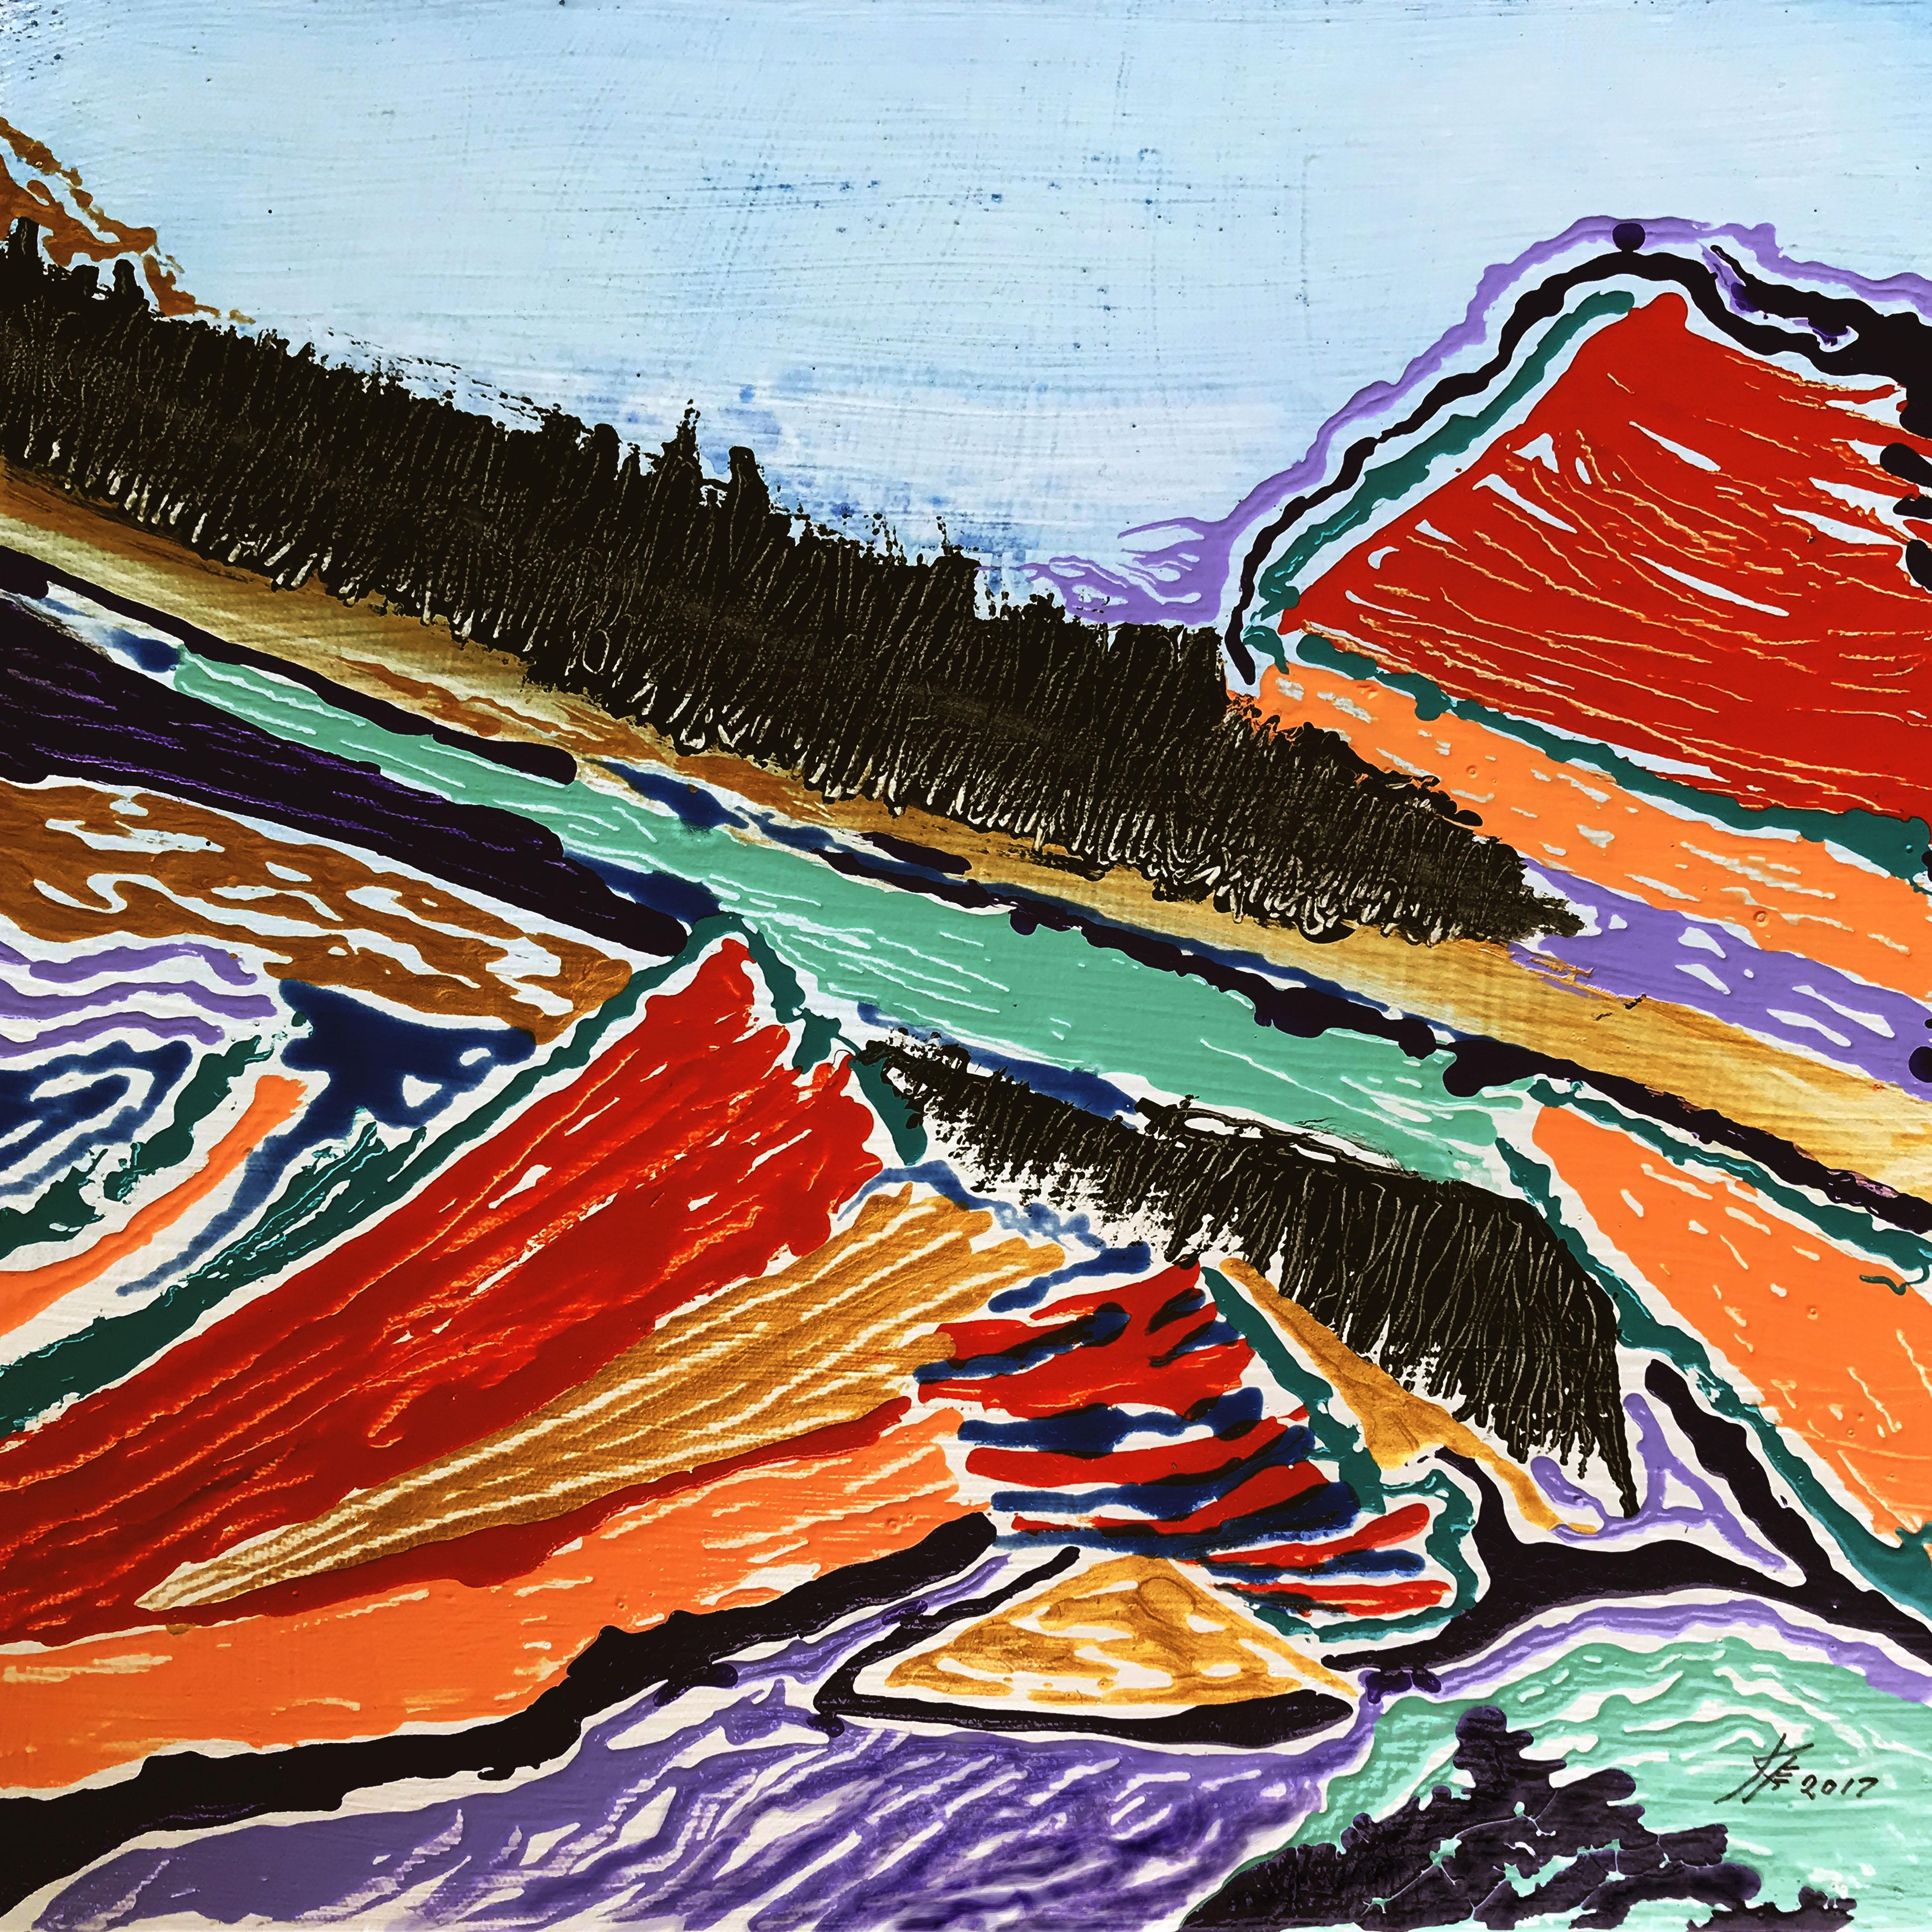 Upheaval, mixed media painting